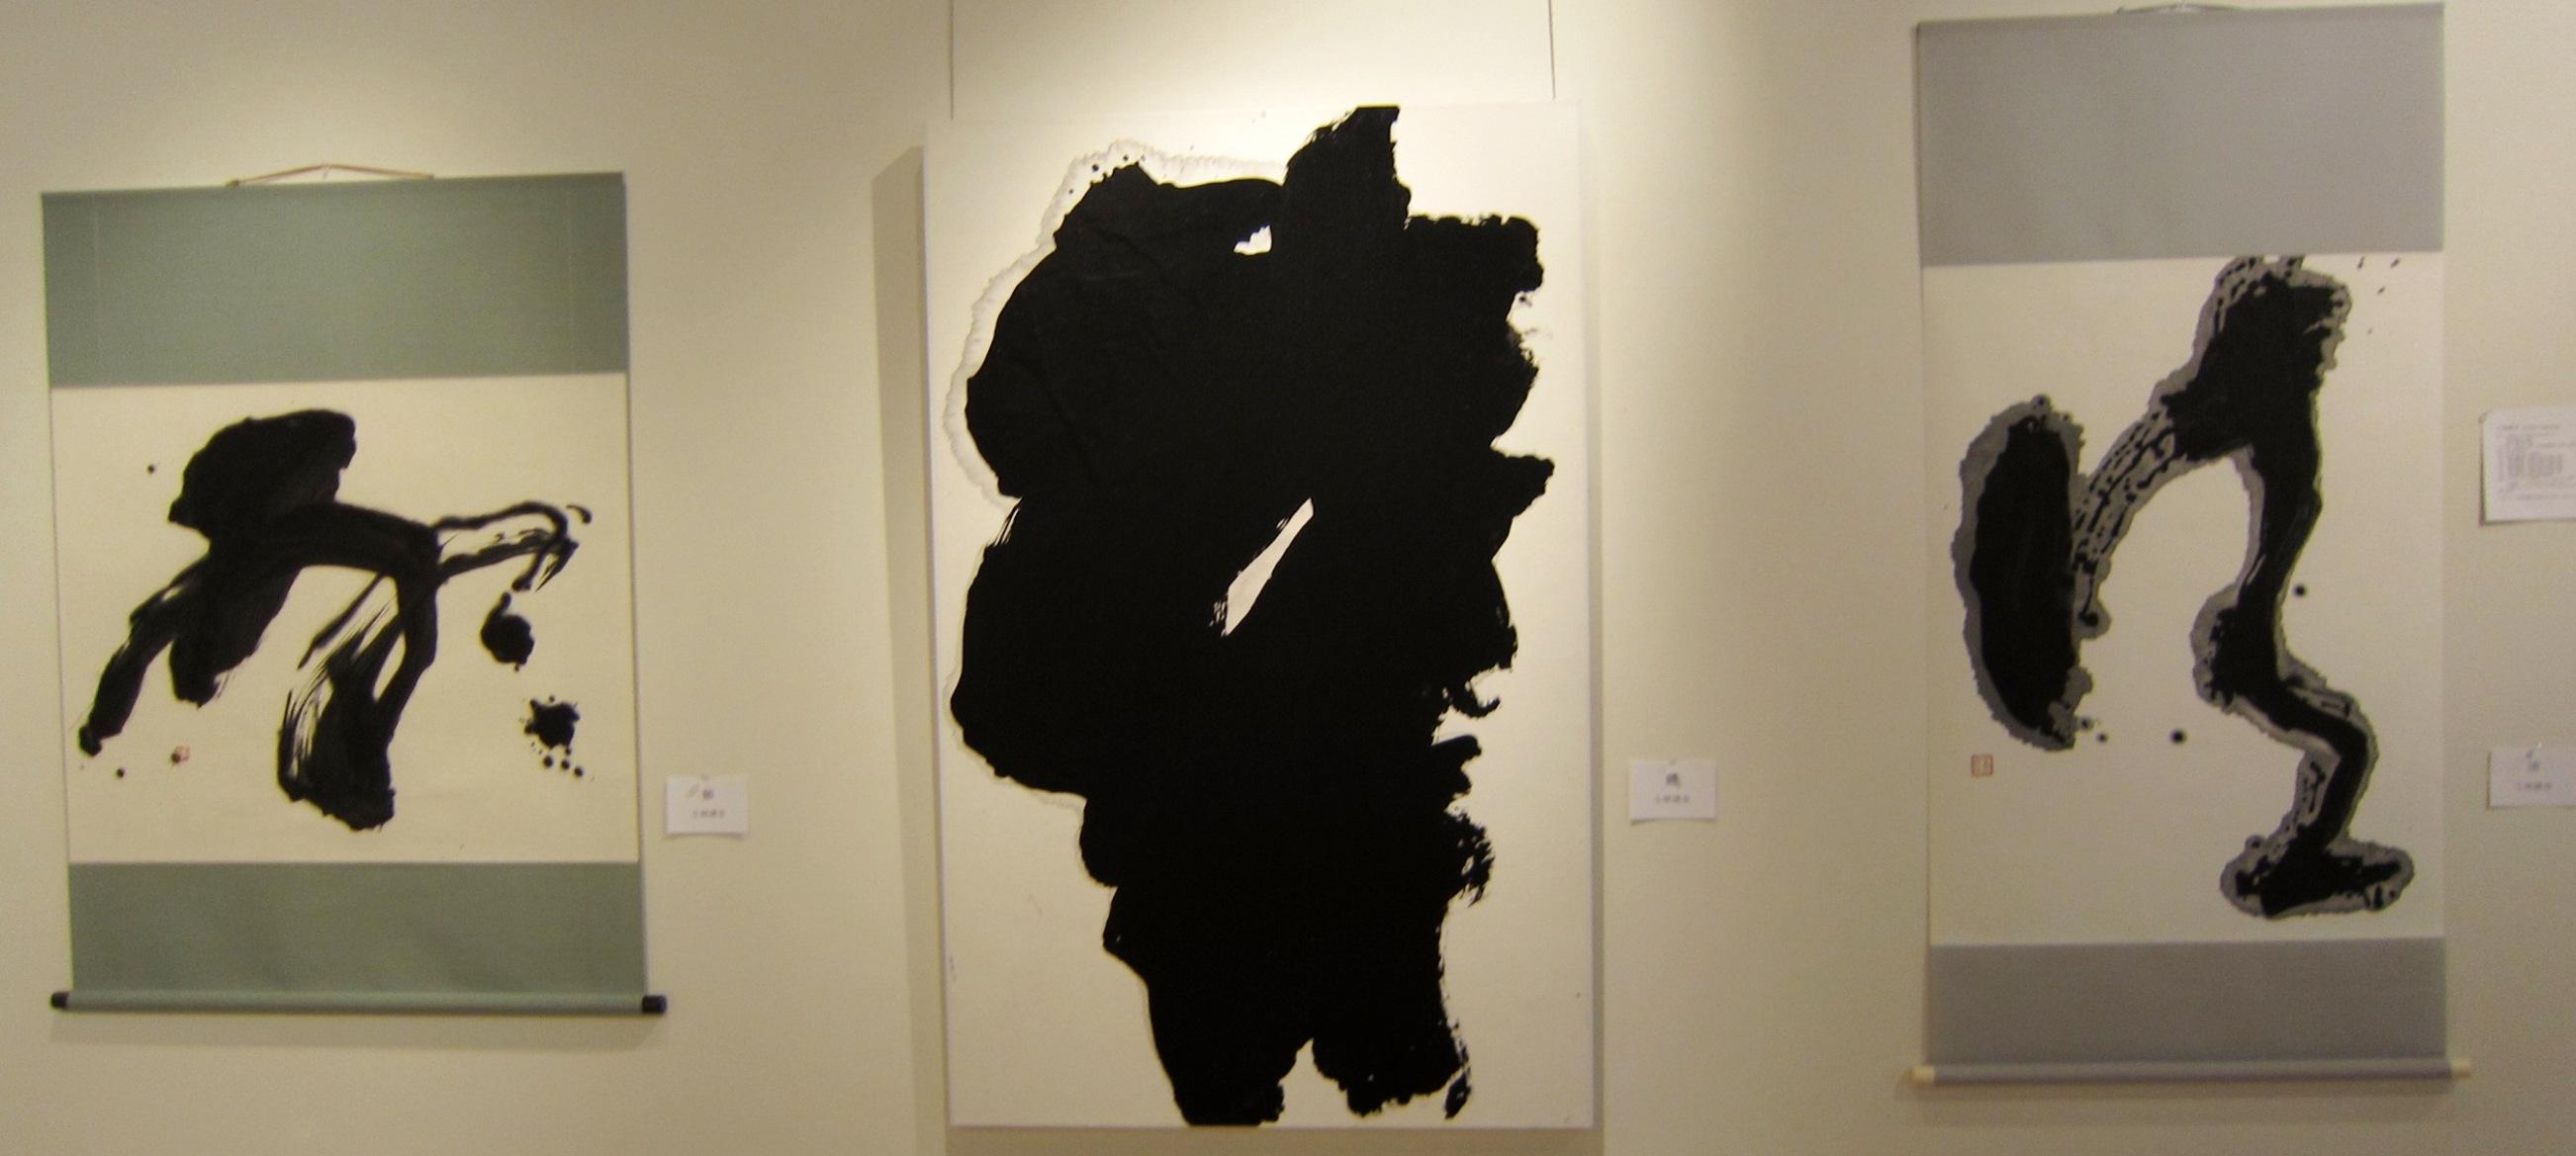 2065)「[現代書と彫刻のコラボレーション] -環境空間アートの提案-」 エッセ 5月21日(火)~5月26日(日)_f0126829_0225289.jpg